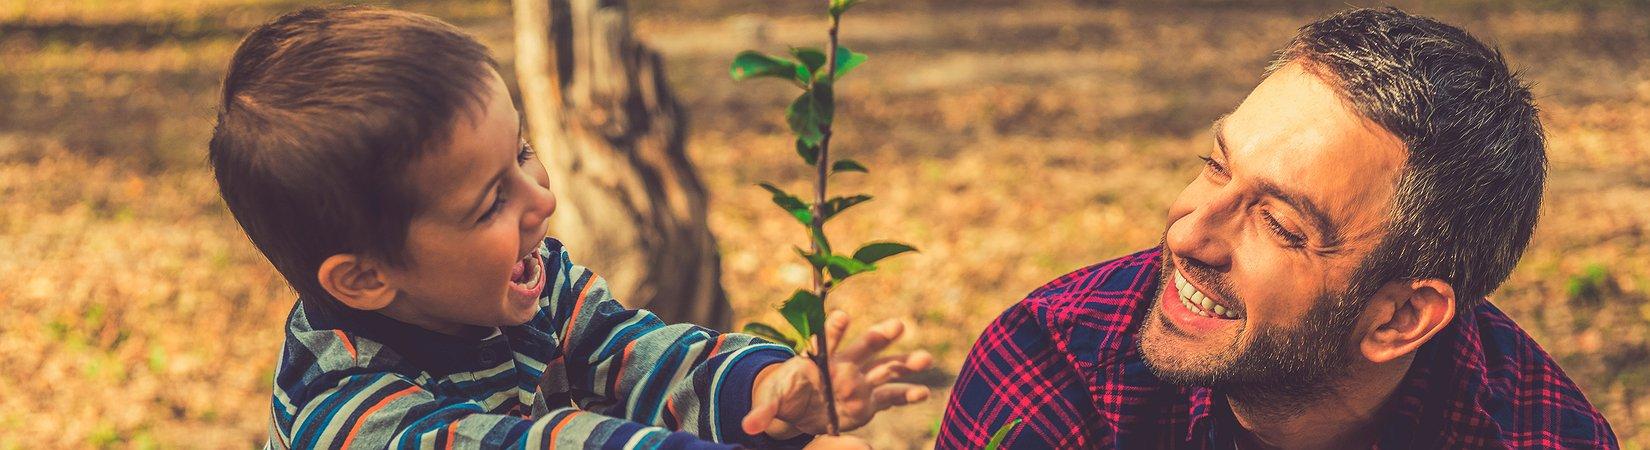 Las mejores acciones de Inversión Socialmente Responsable (ISR) de 2016